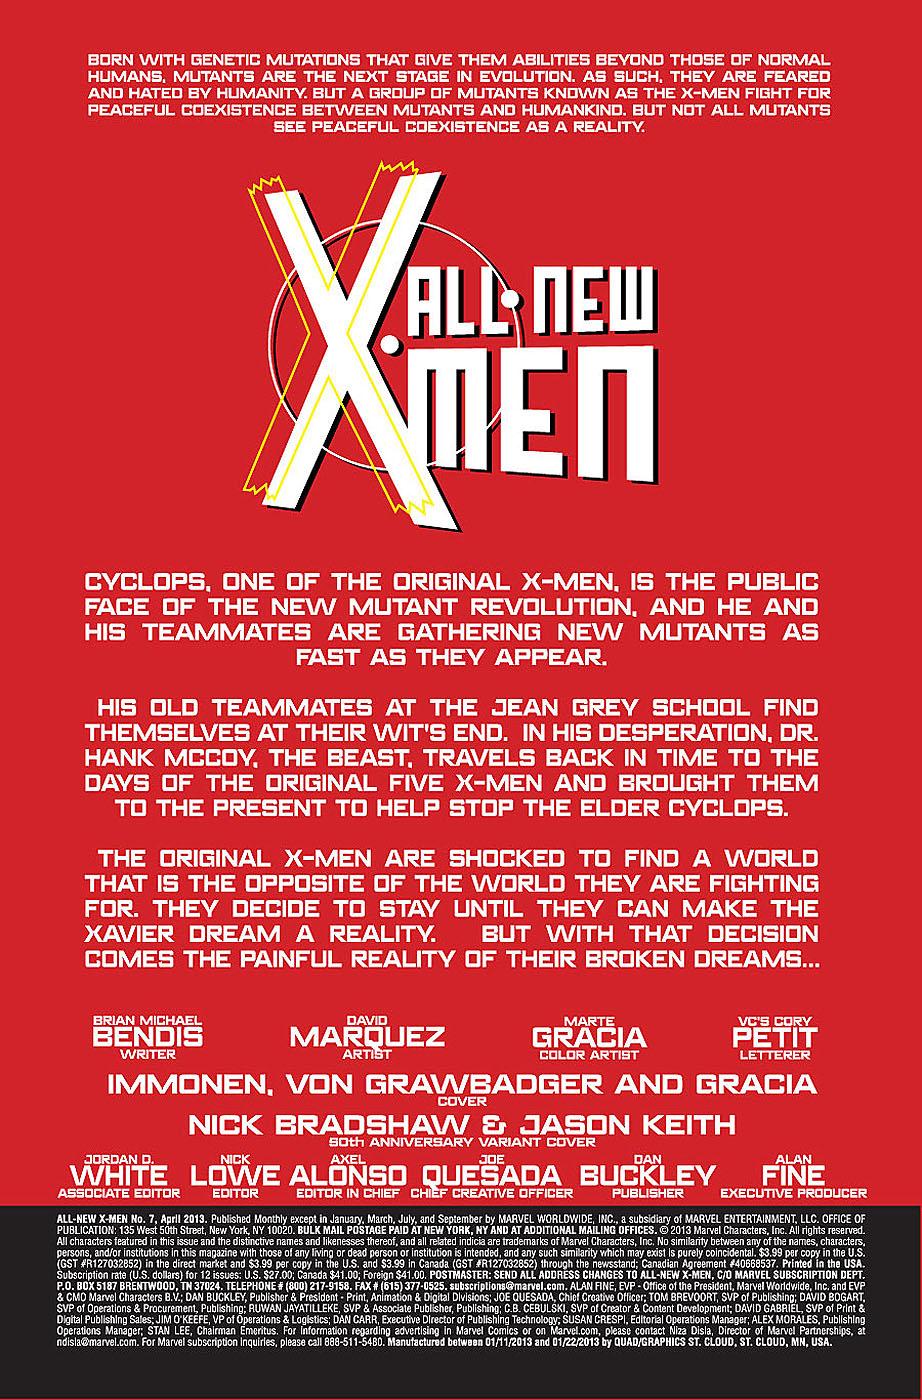 All New X-Men # 7 Allnewxmen71